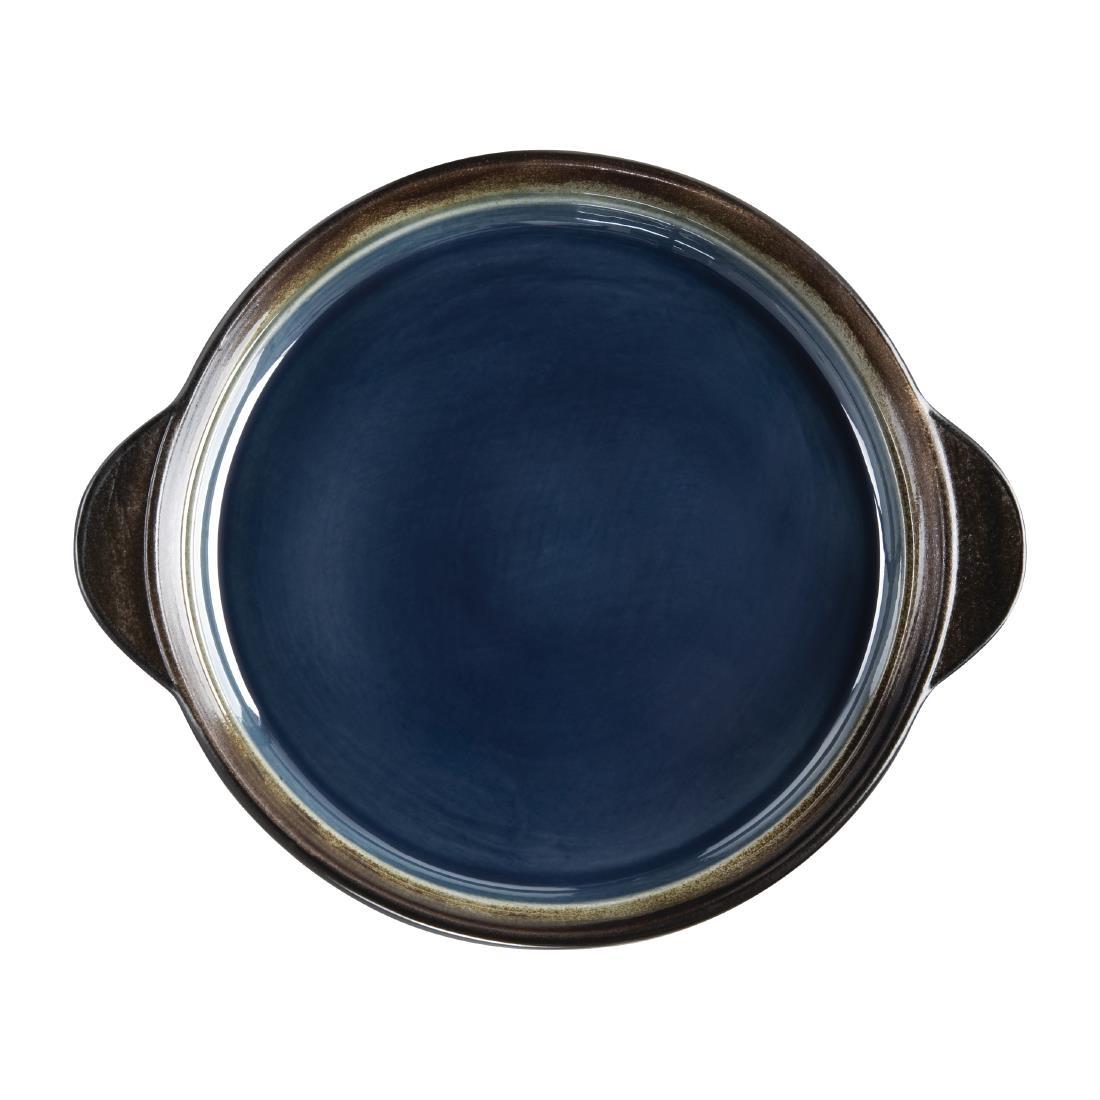 Tapas Round Tray - Blue